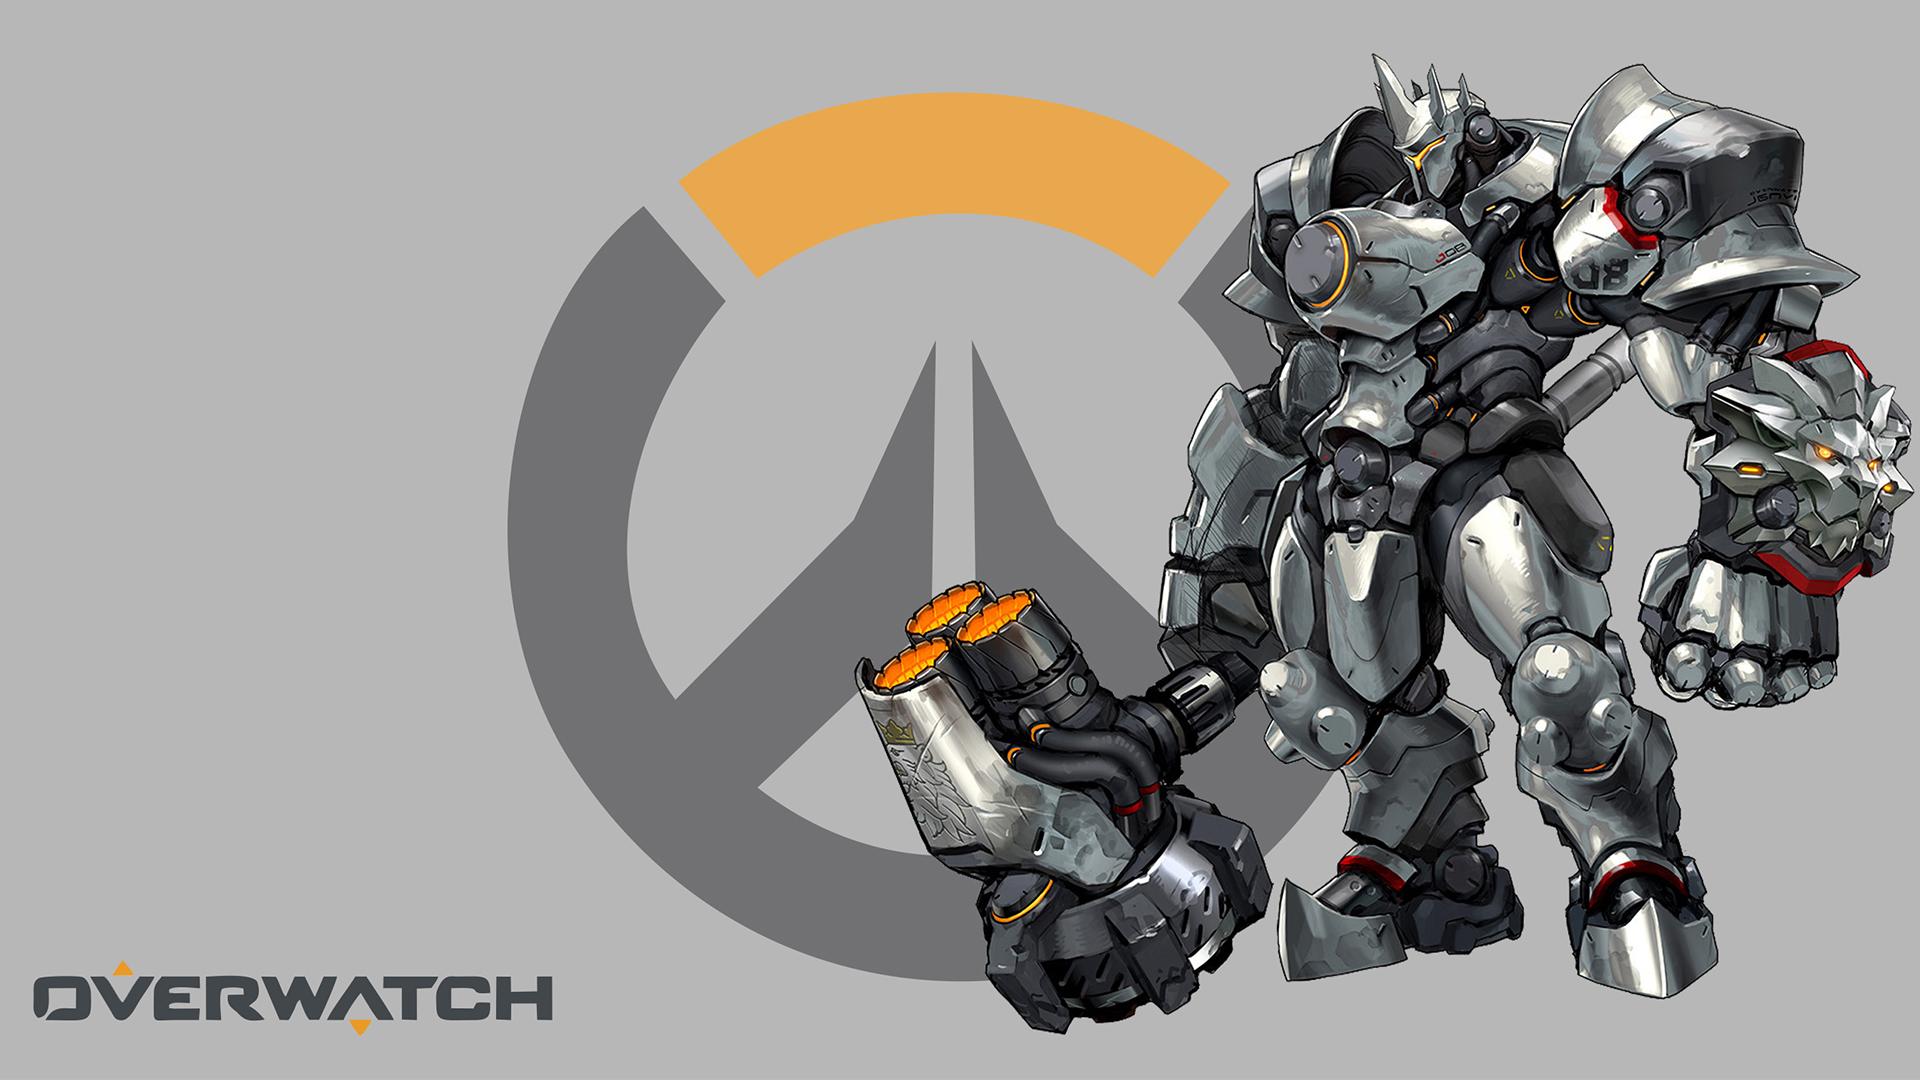 Overwatch reinhardt